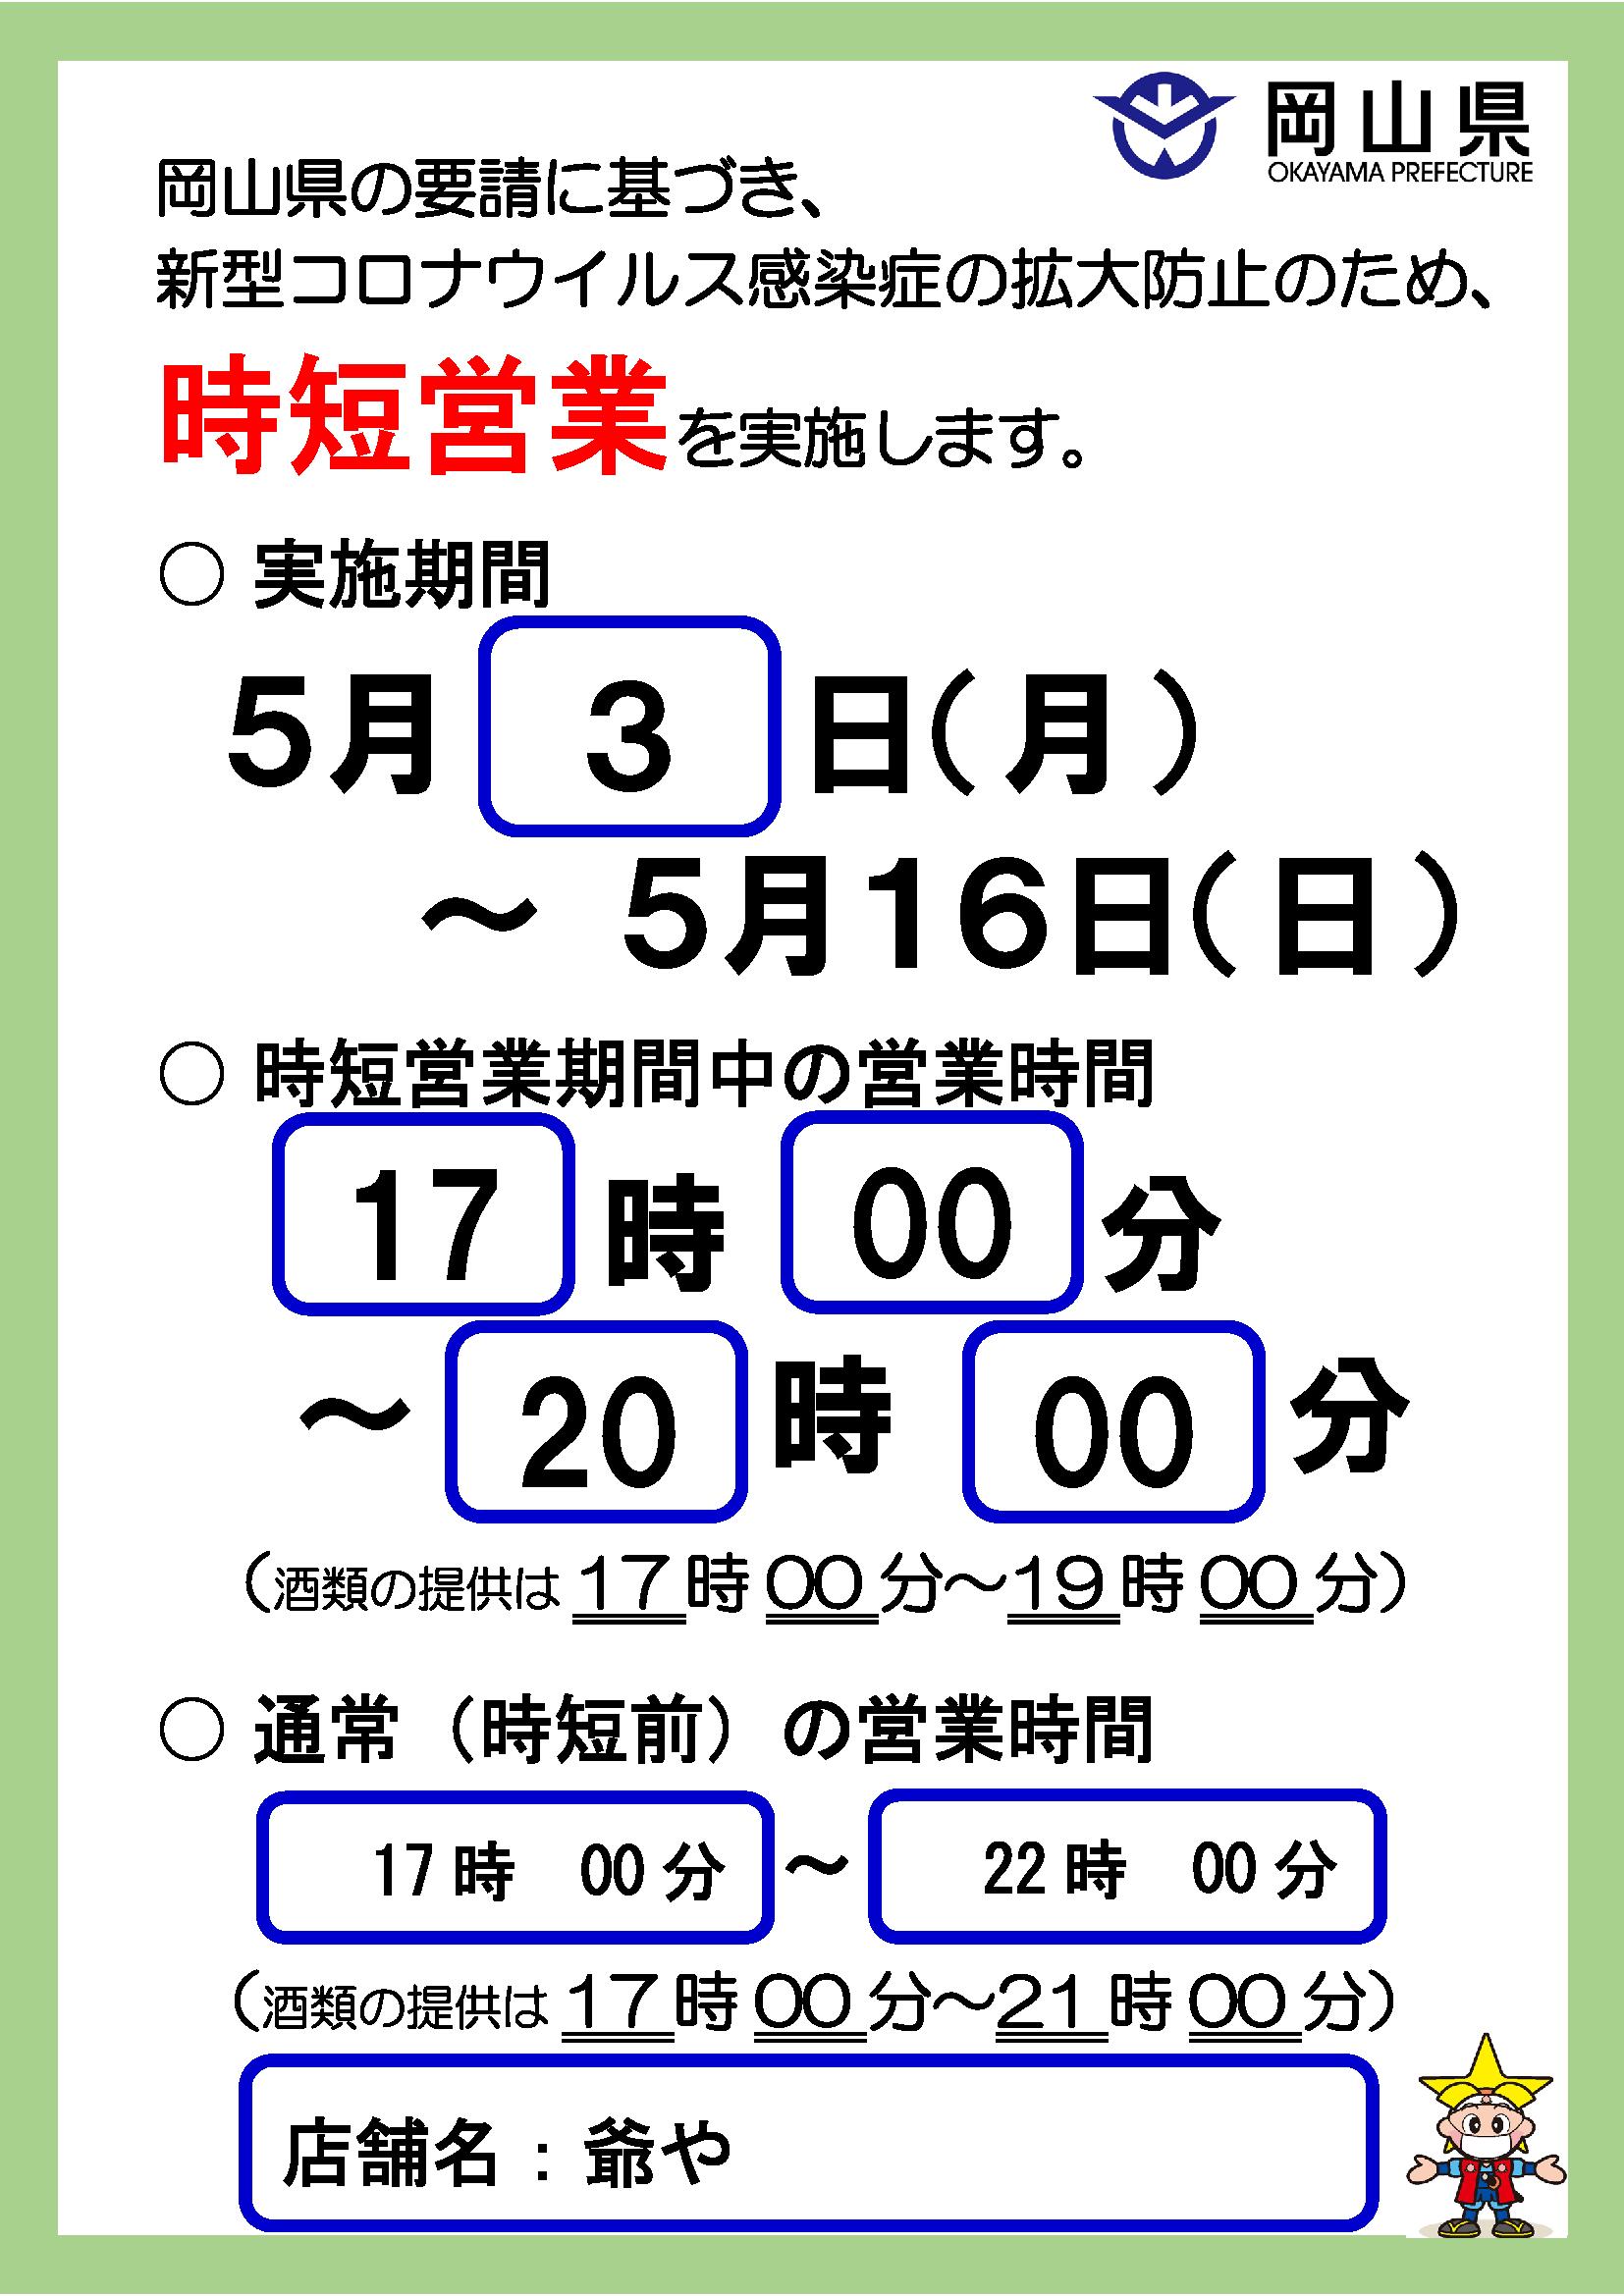 営業時間変更のお知らせ【爺や】.png